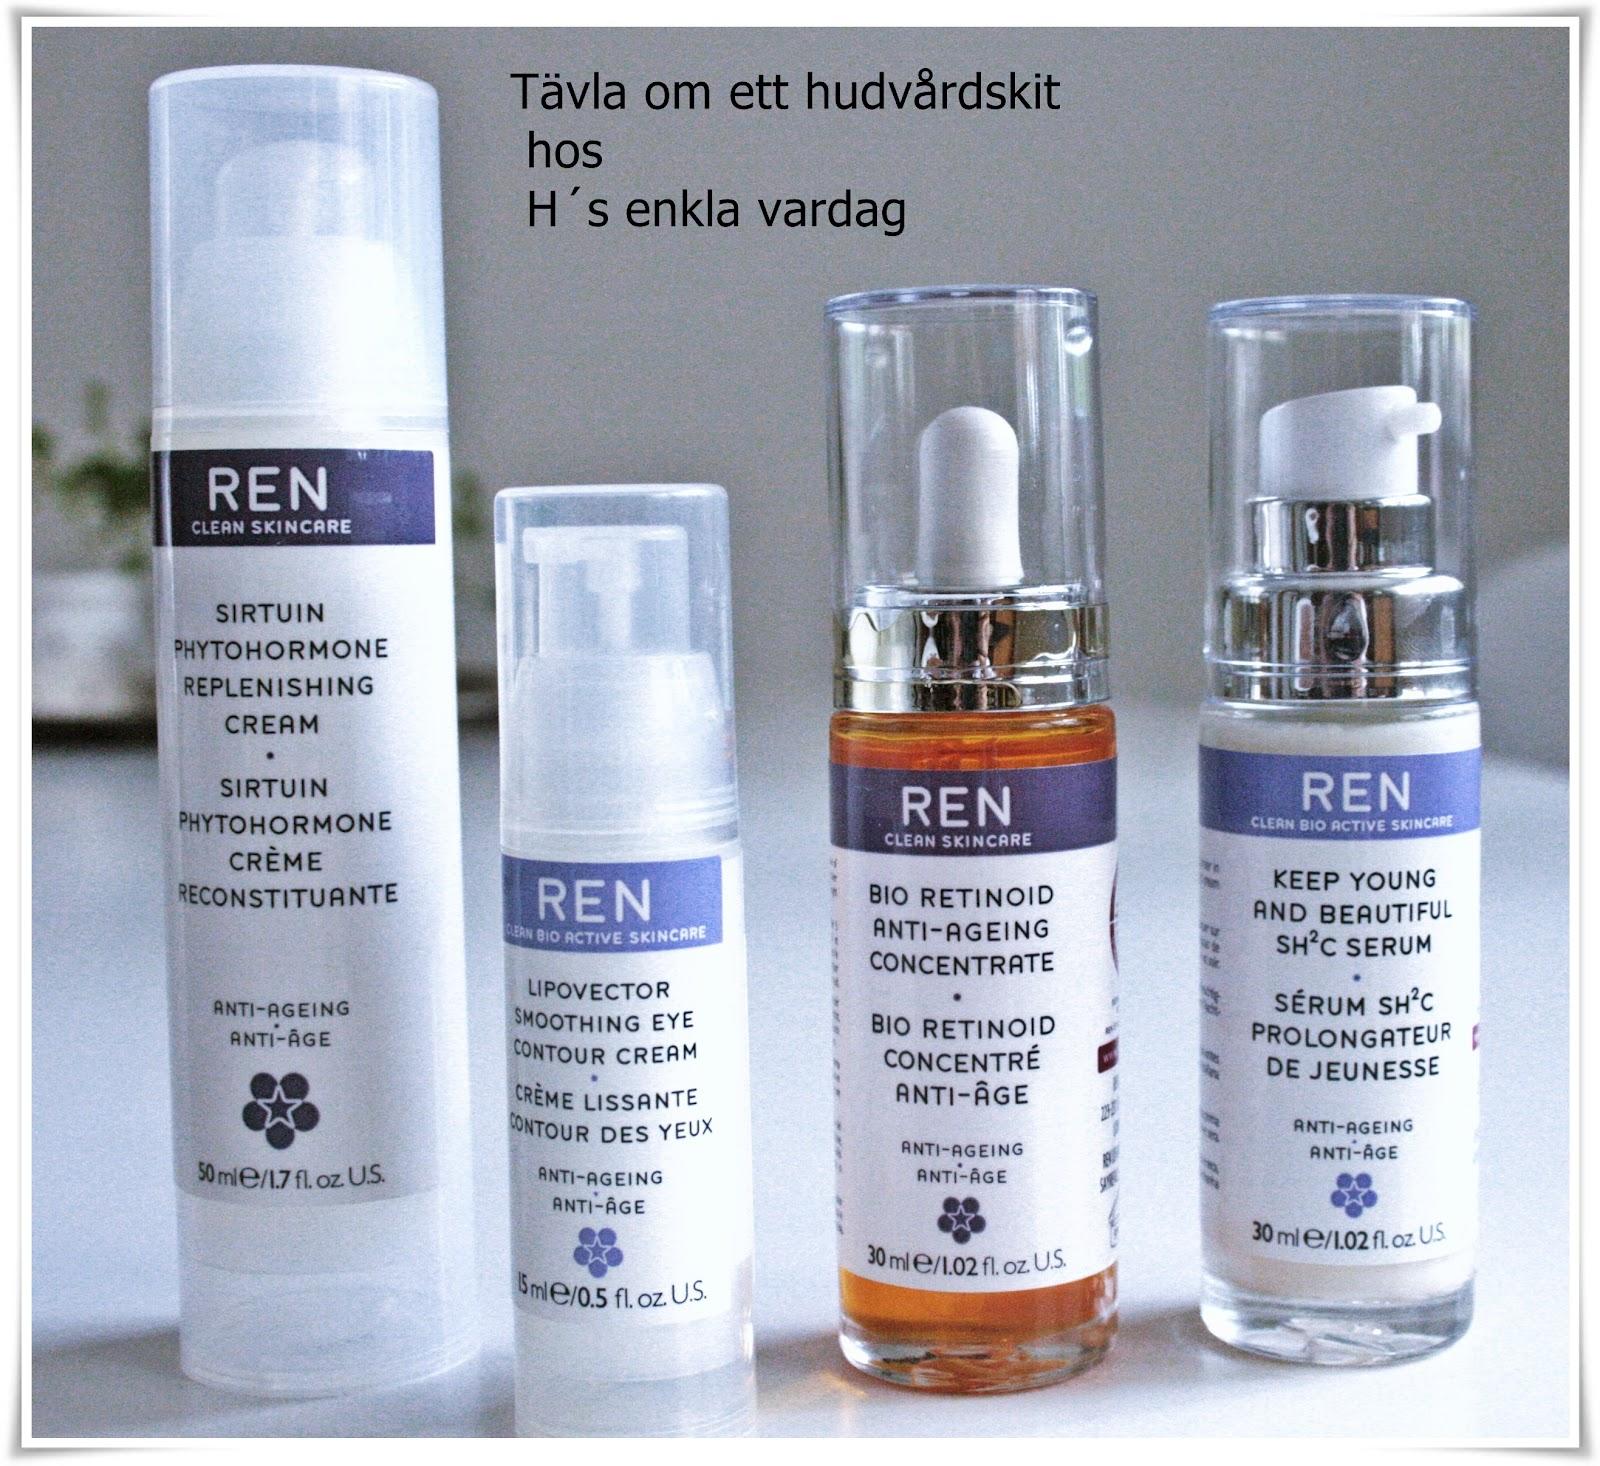 REN hudvårdsprodukter